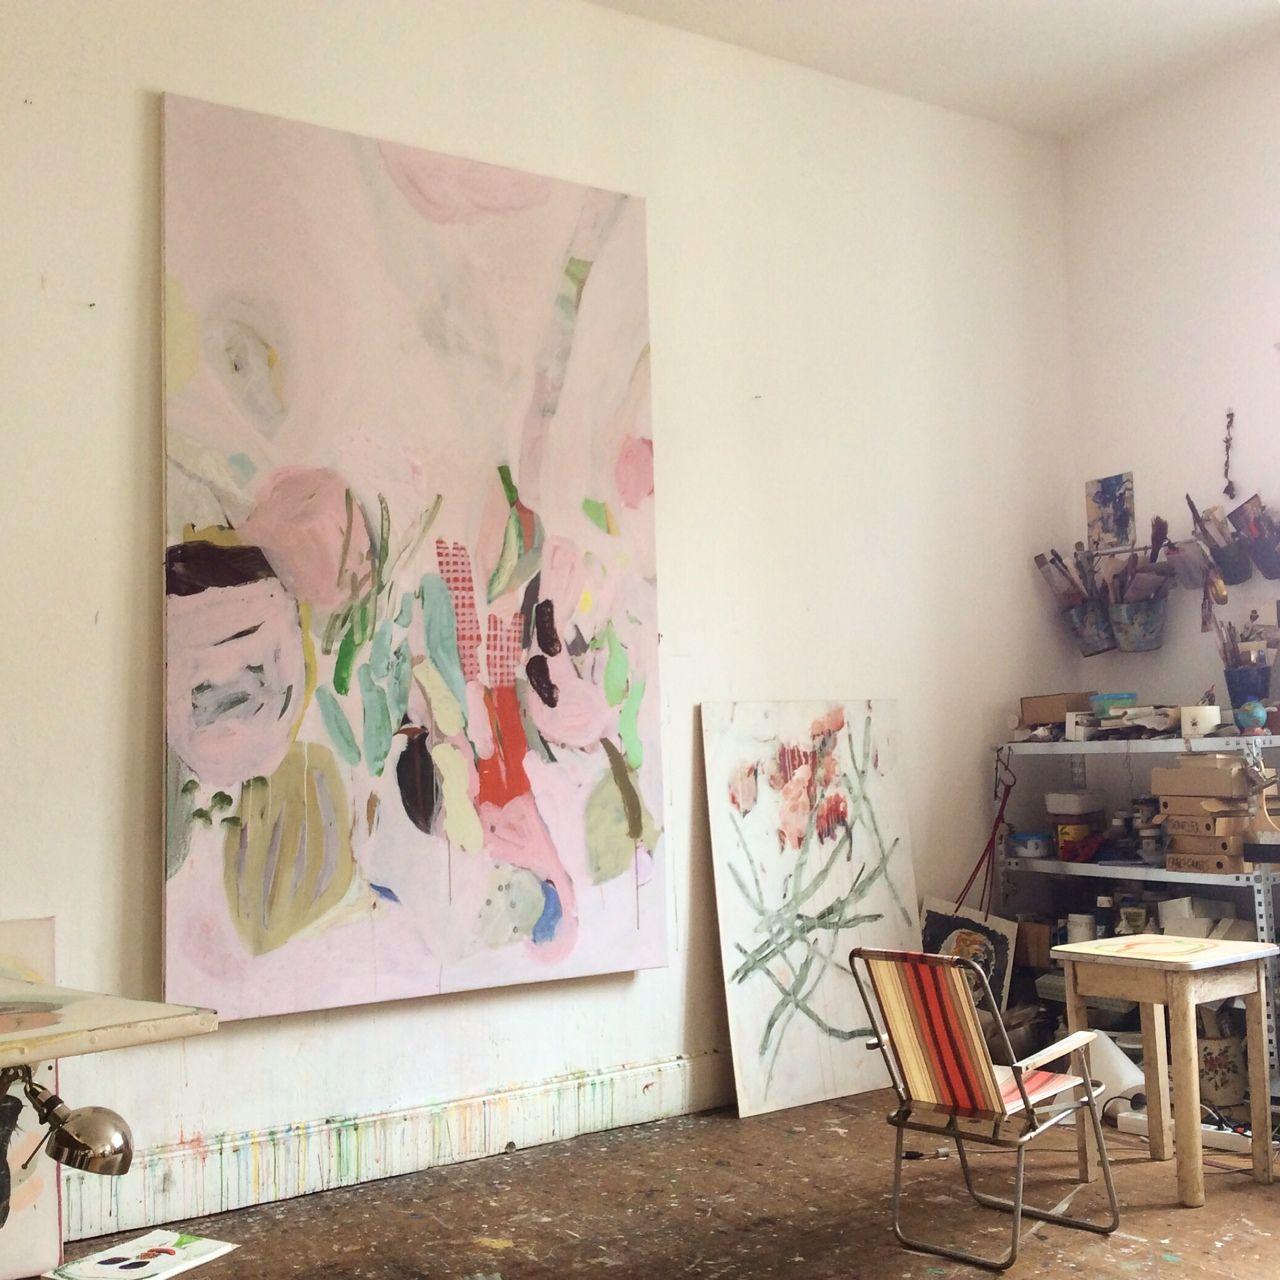 Anne Sophie Tschiegg Chantiers Aout Les Arts Peinture Abstraite Comment Peindre